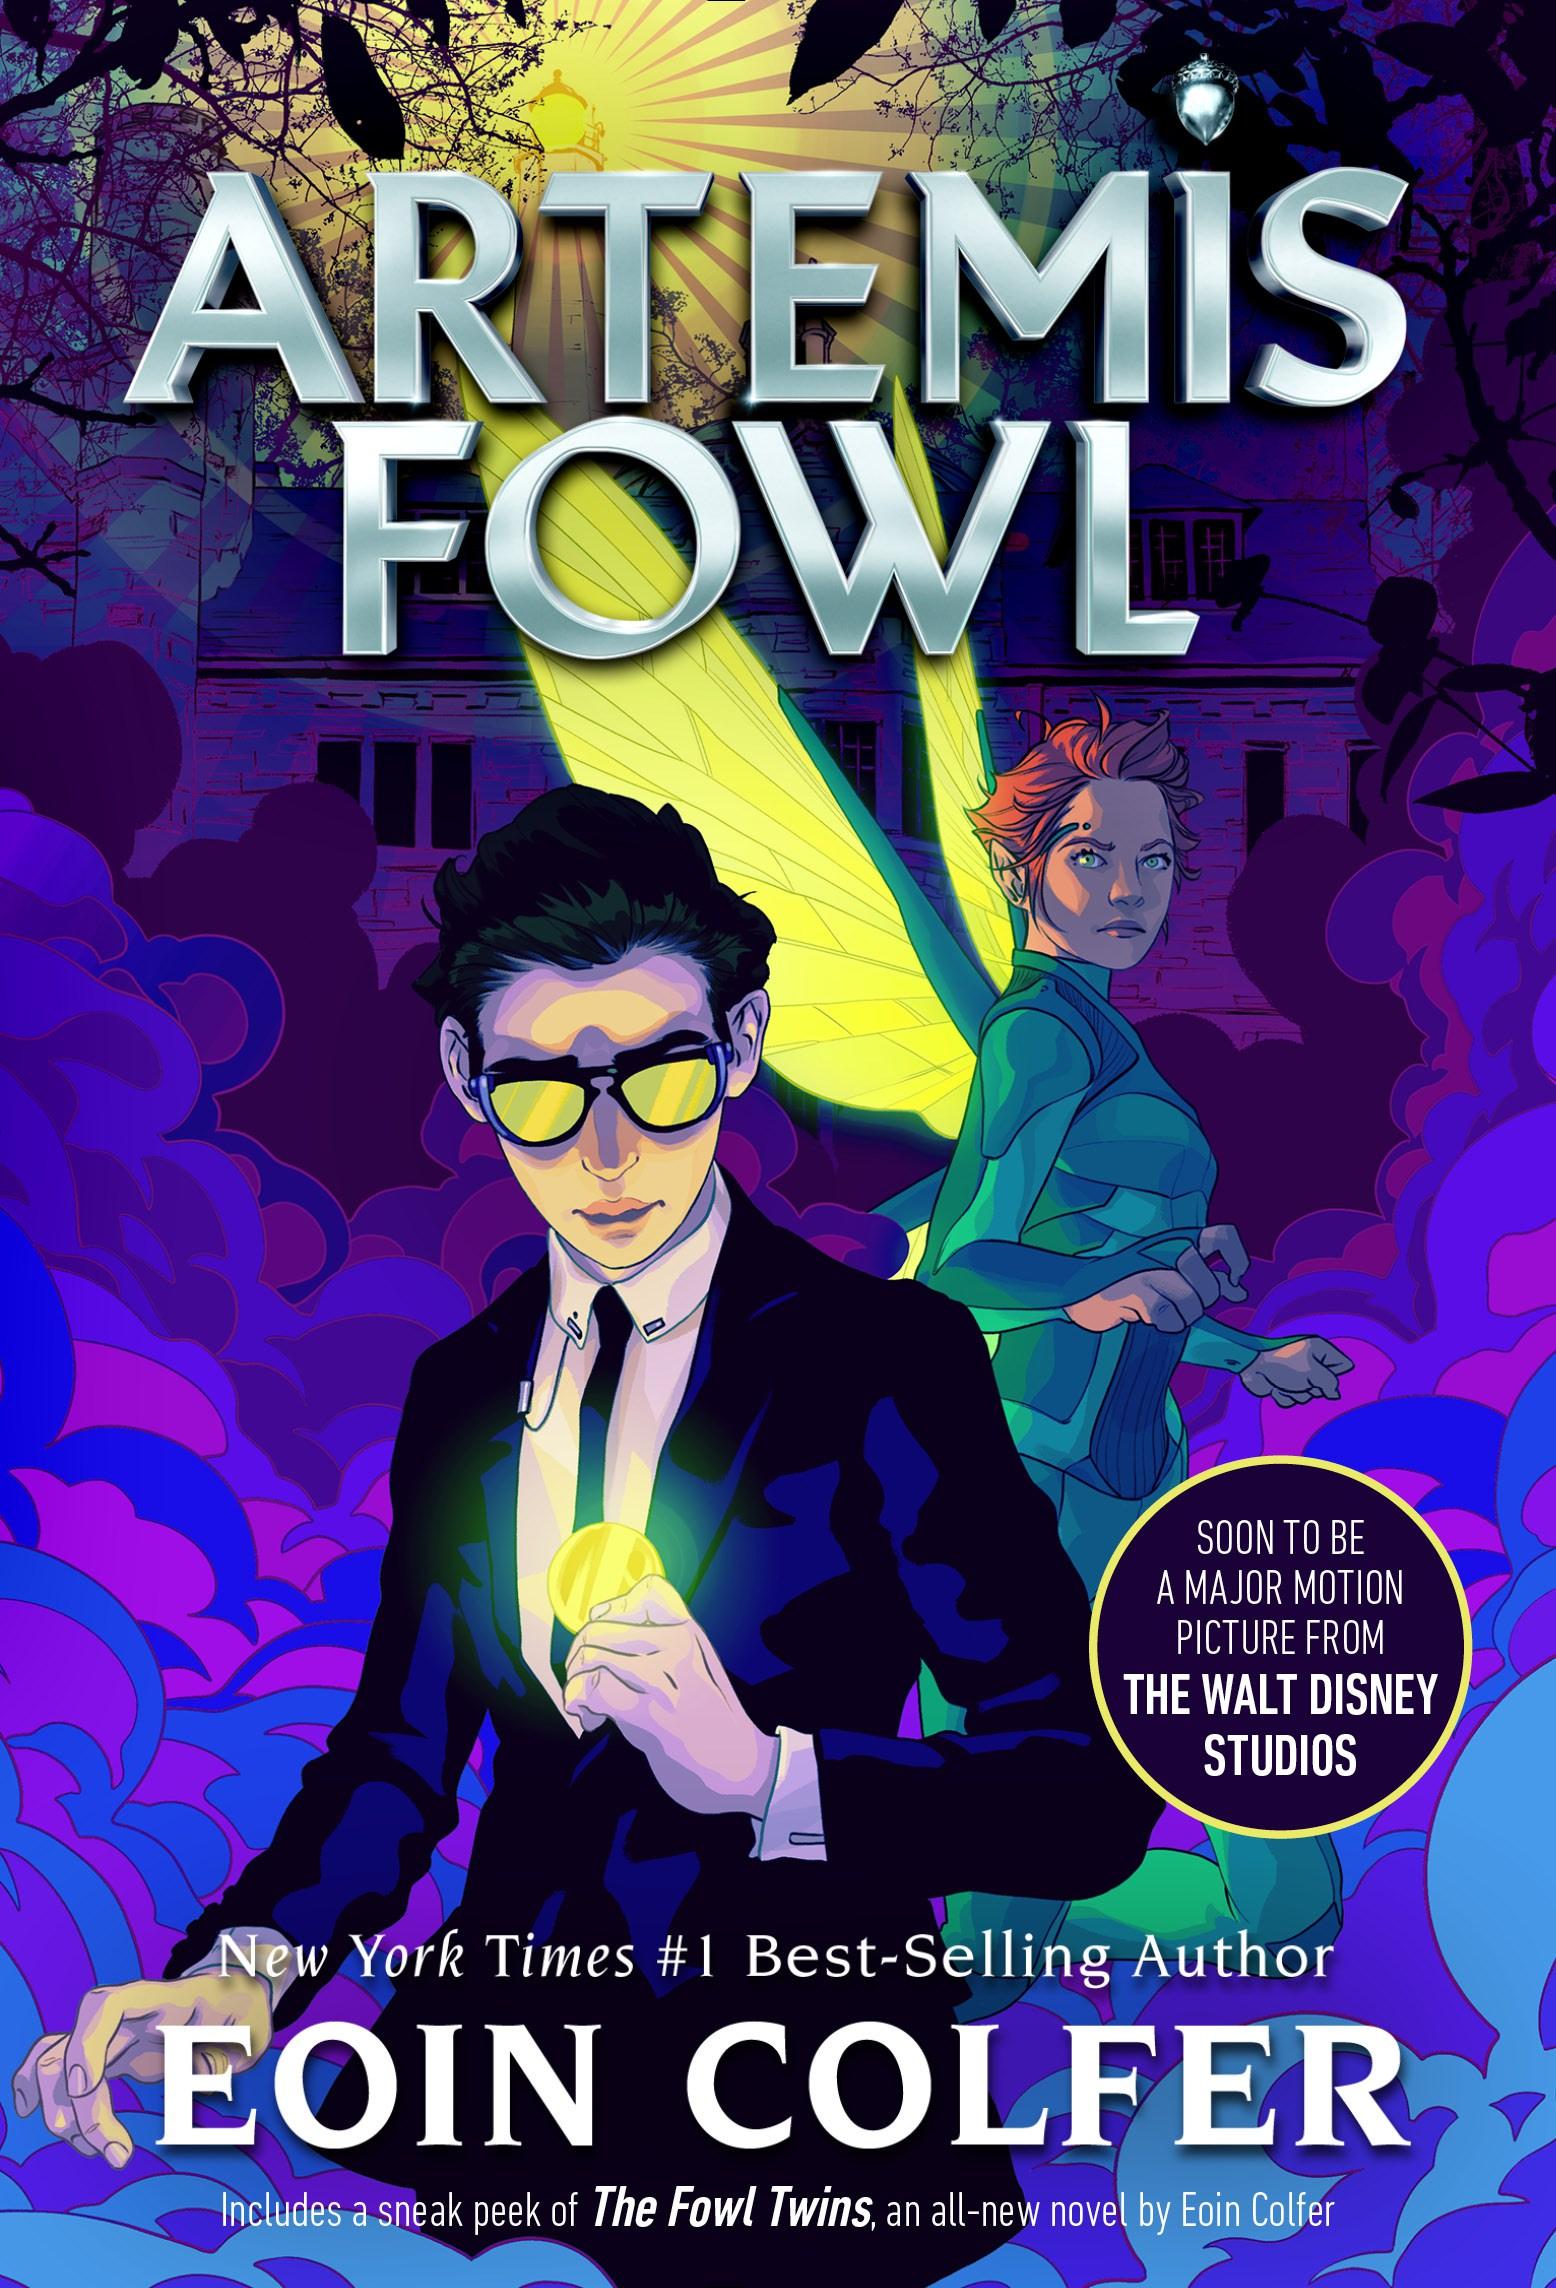 Il morbo di Atlantide: Artemis Fowl 7 su Apple Books